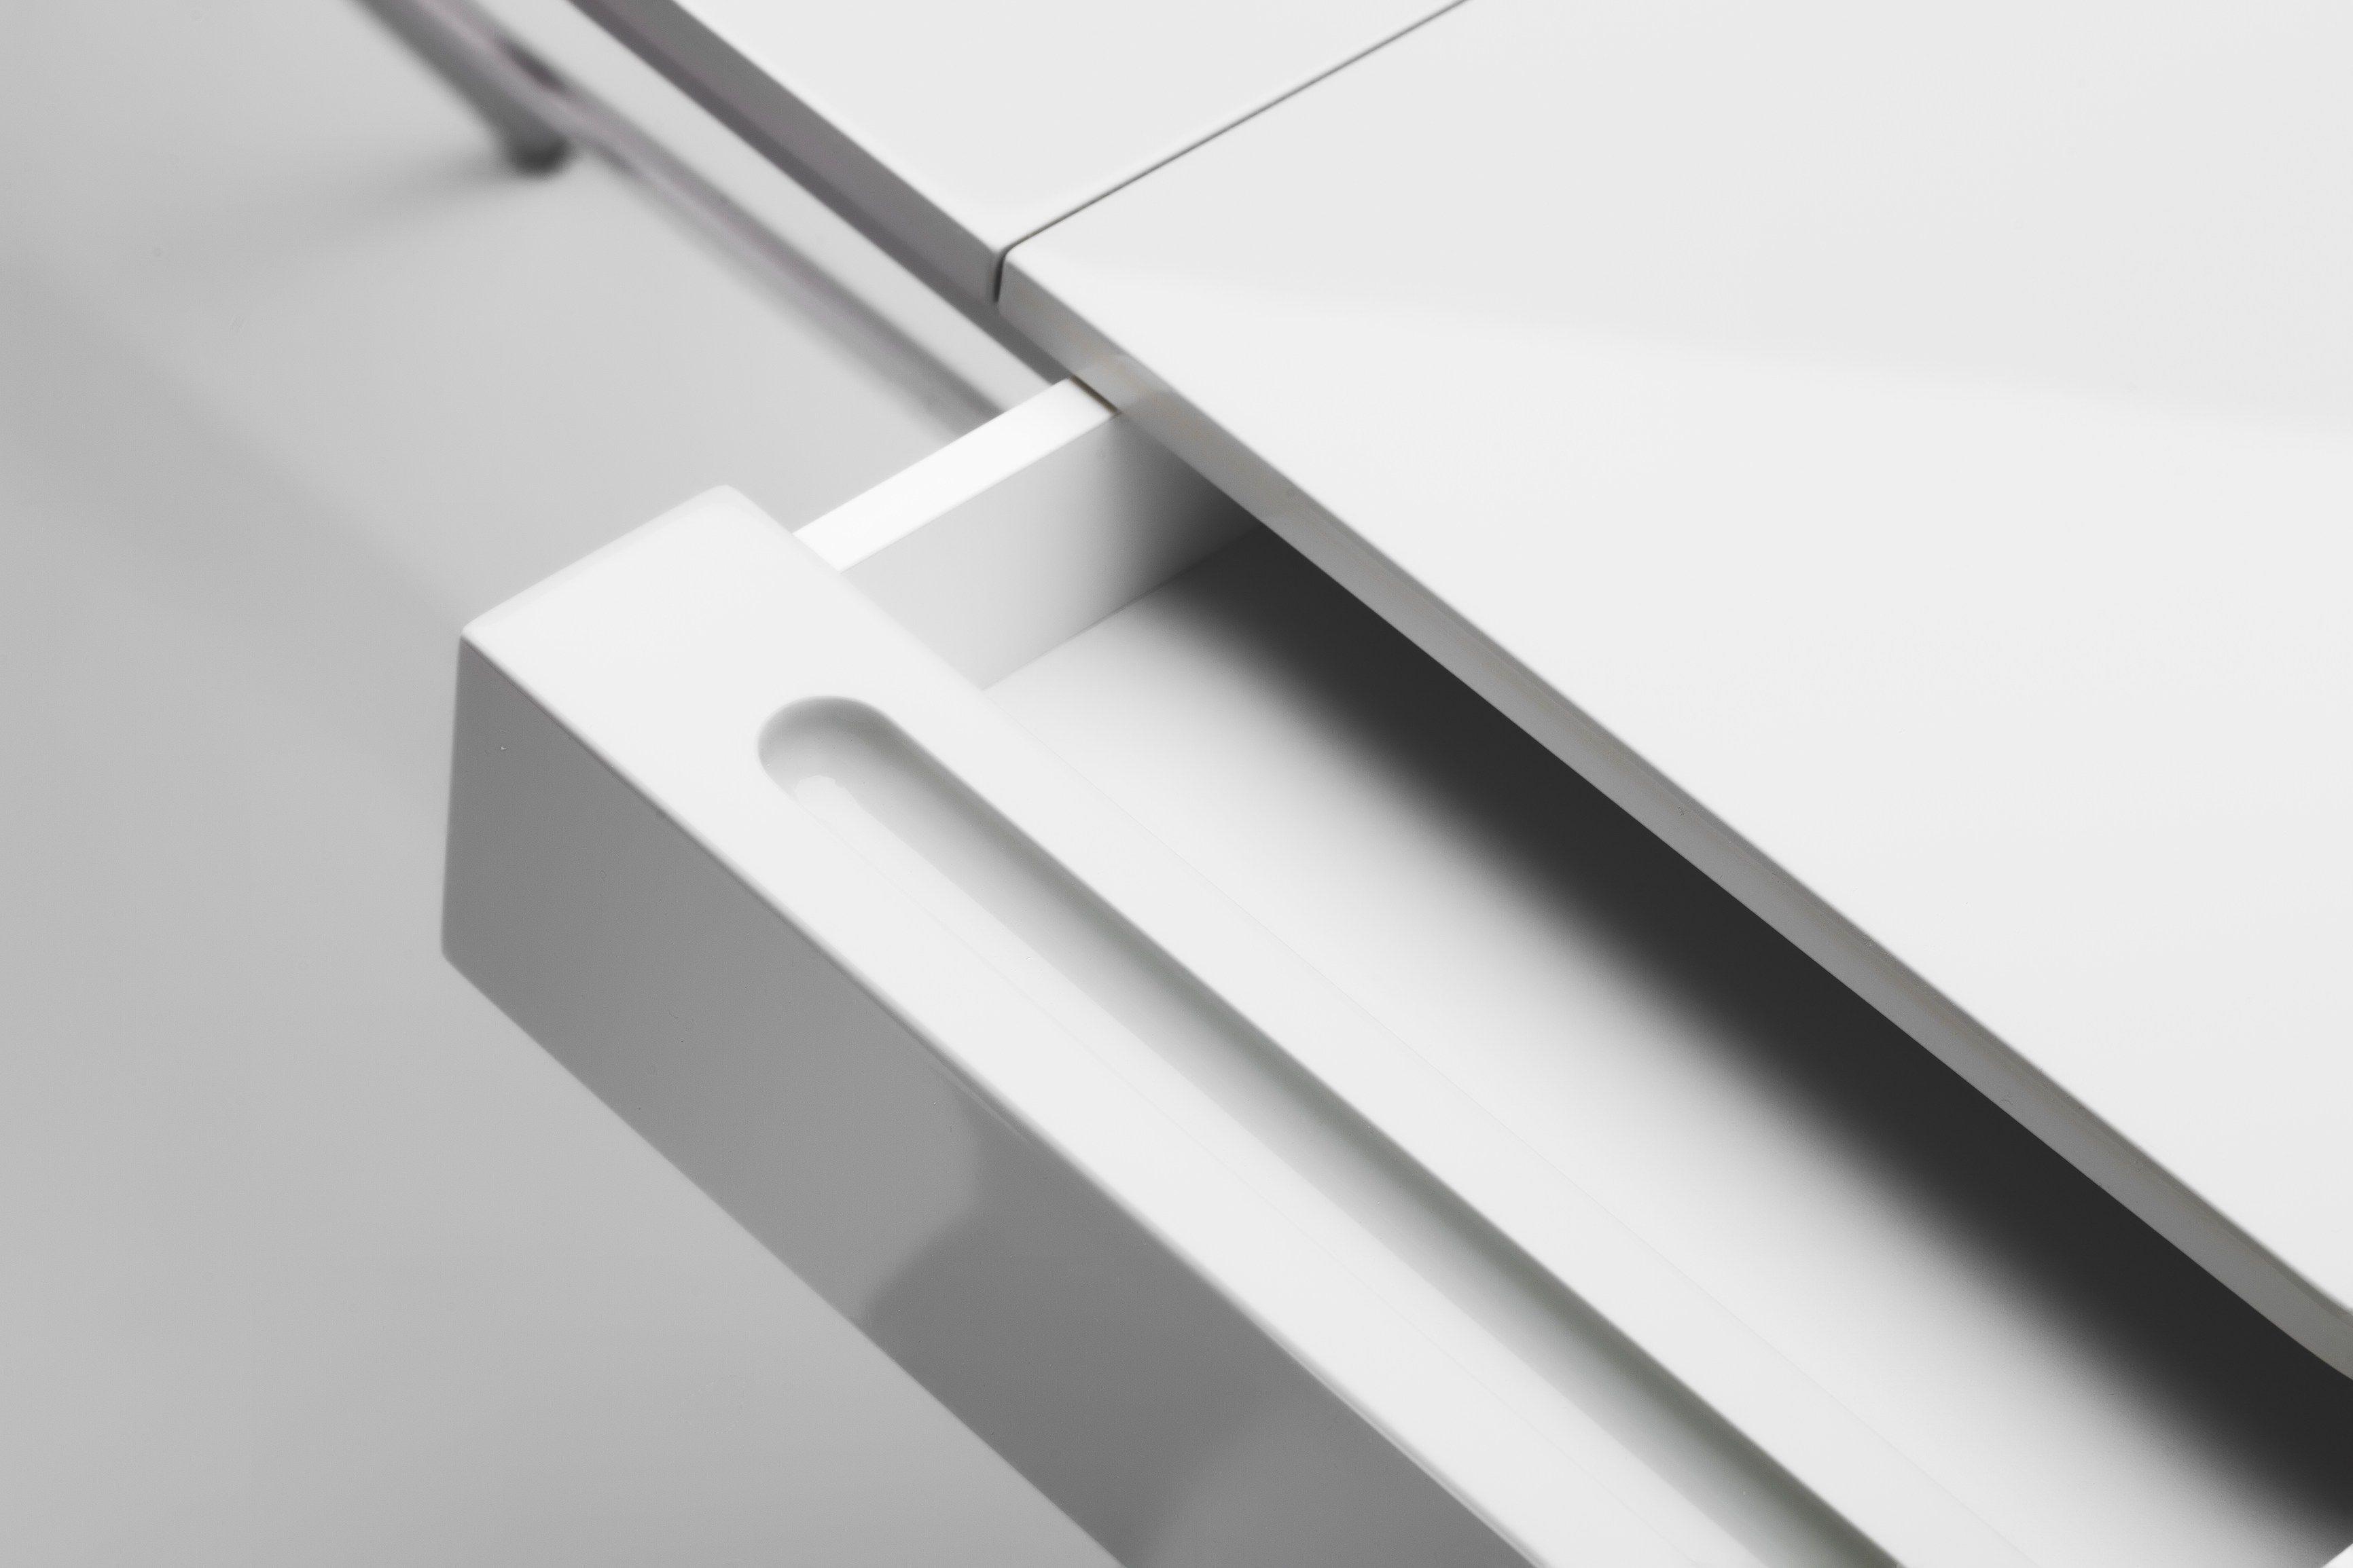 Schreibtisch Aus MDF Mit Schubladen COSIMO GREY GLOSSY LACQUERED GOLD By  Adentro Design Marco Zanuso